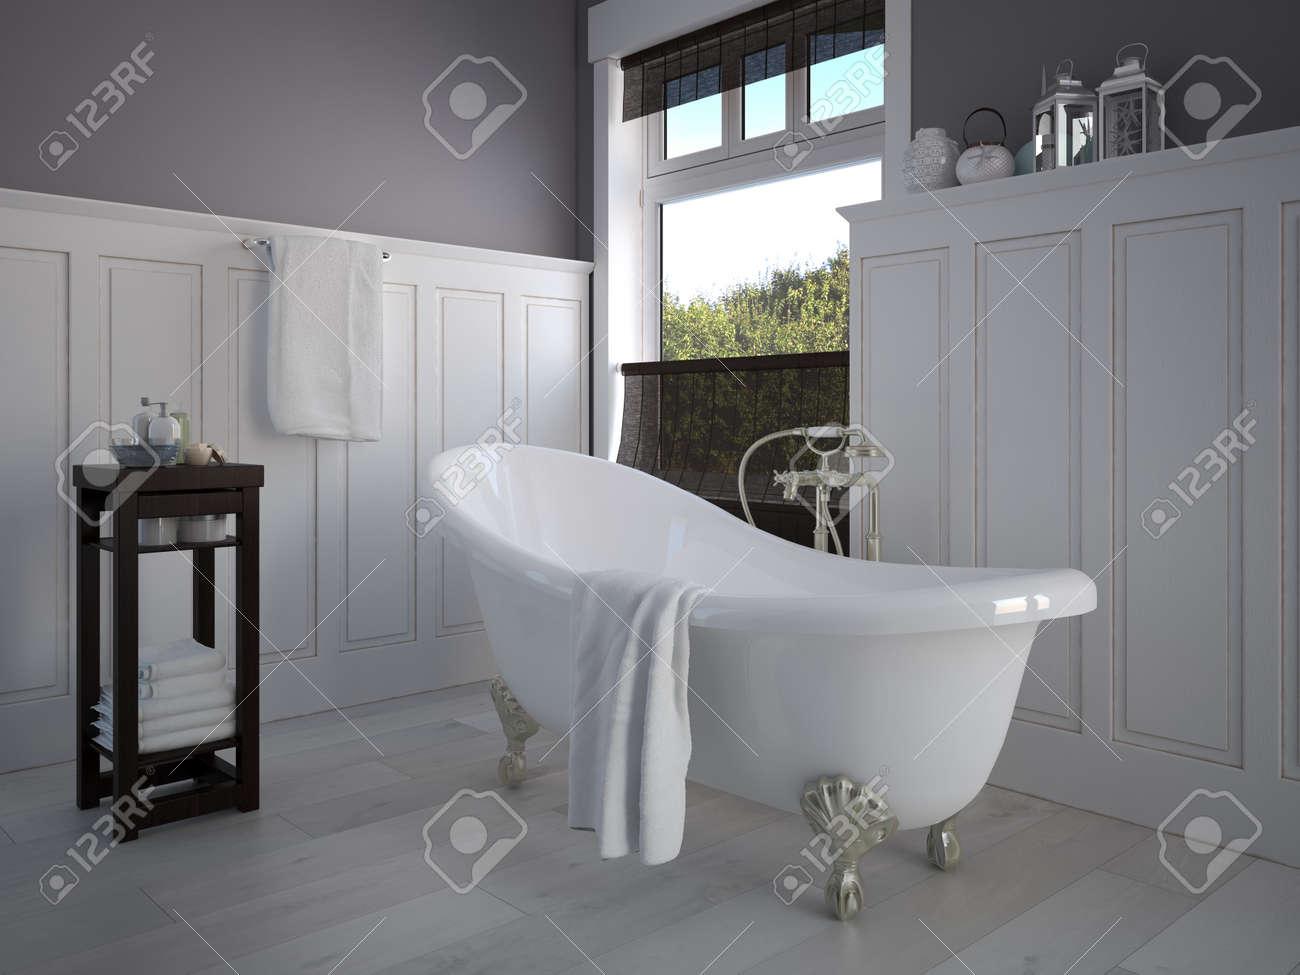 Vintage salle de bain de couleur beige avec un génie sanitaire or